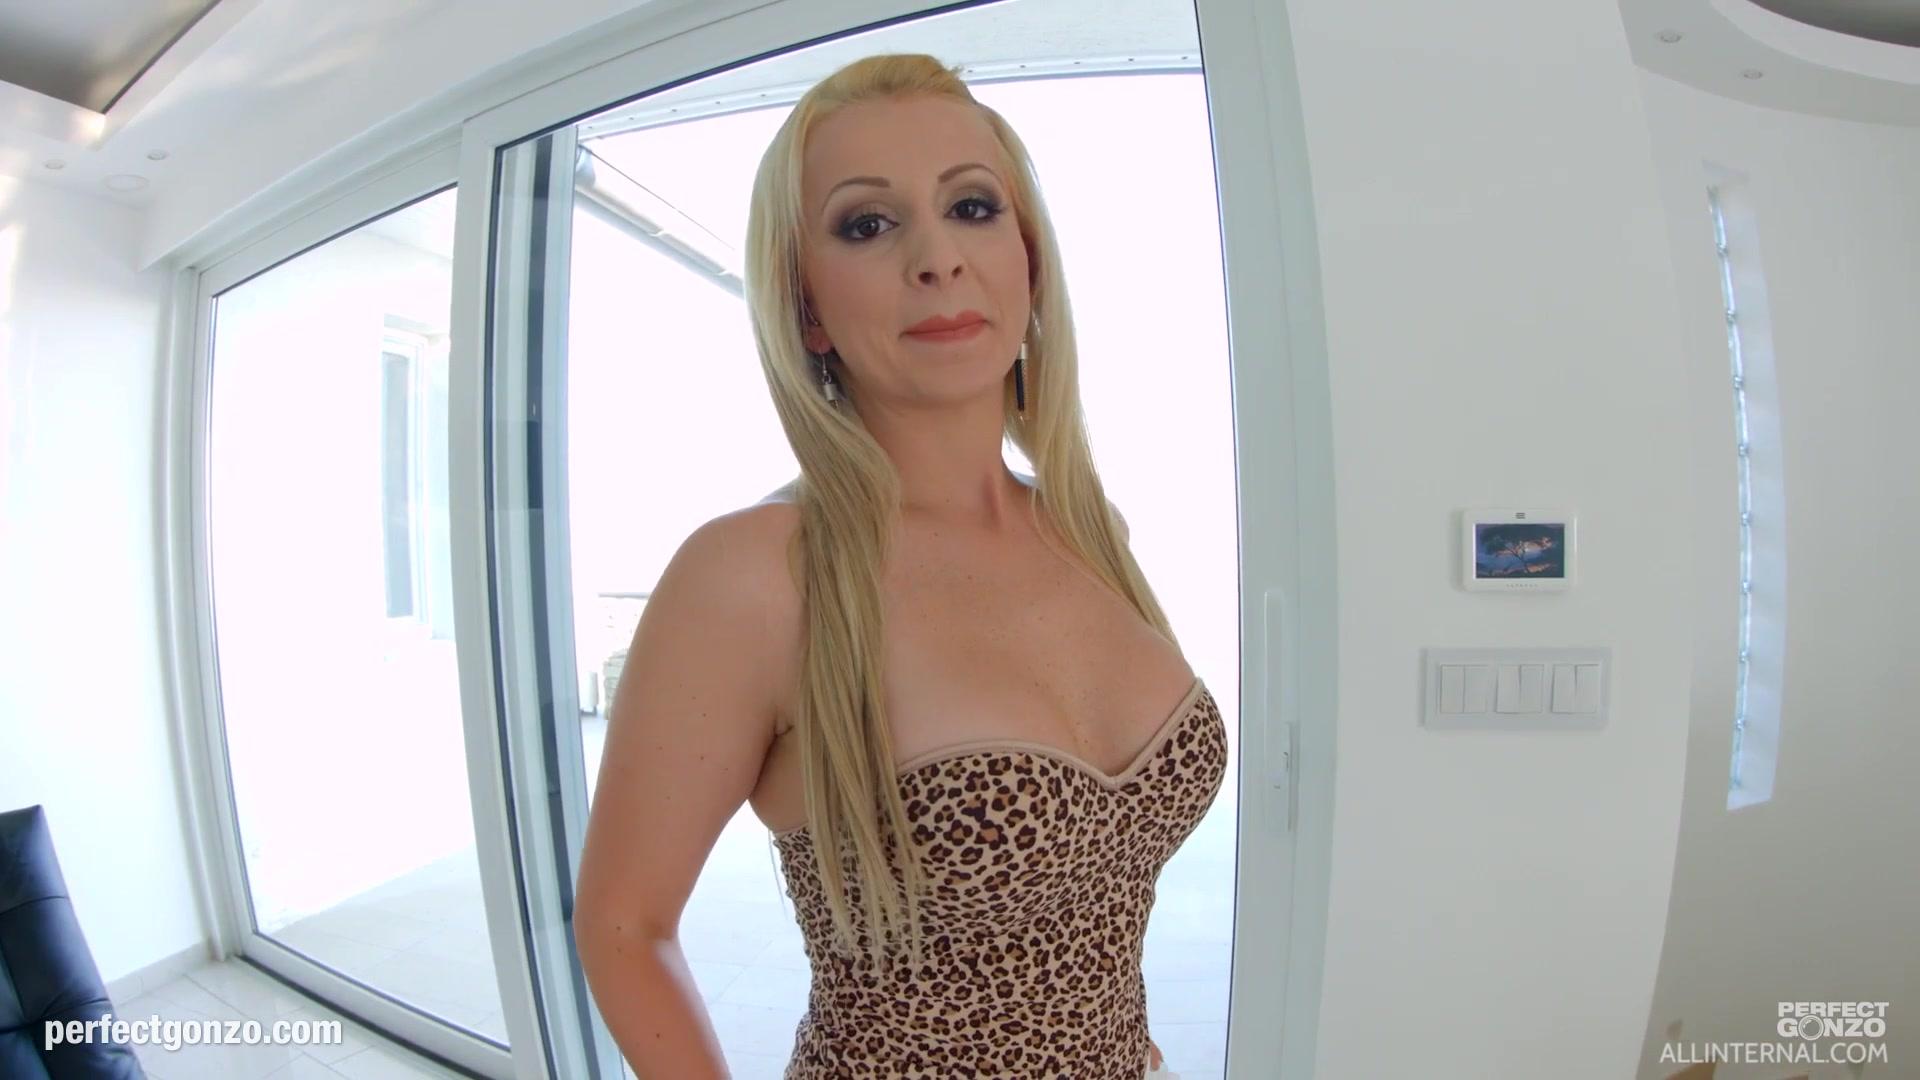 Hardcore videos porno Porn tube